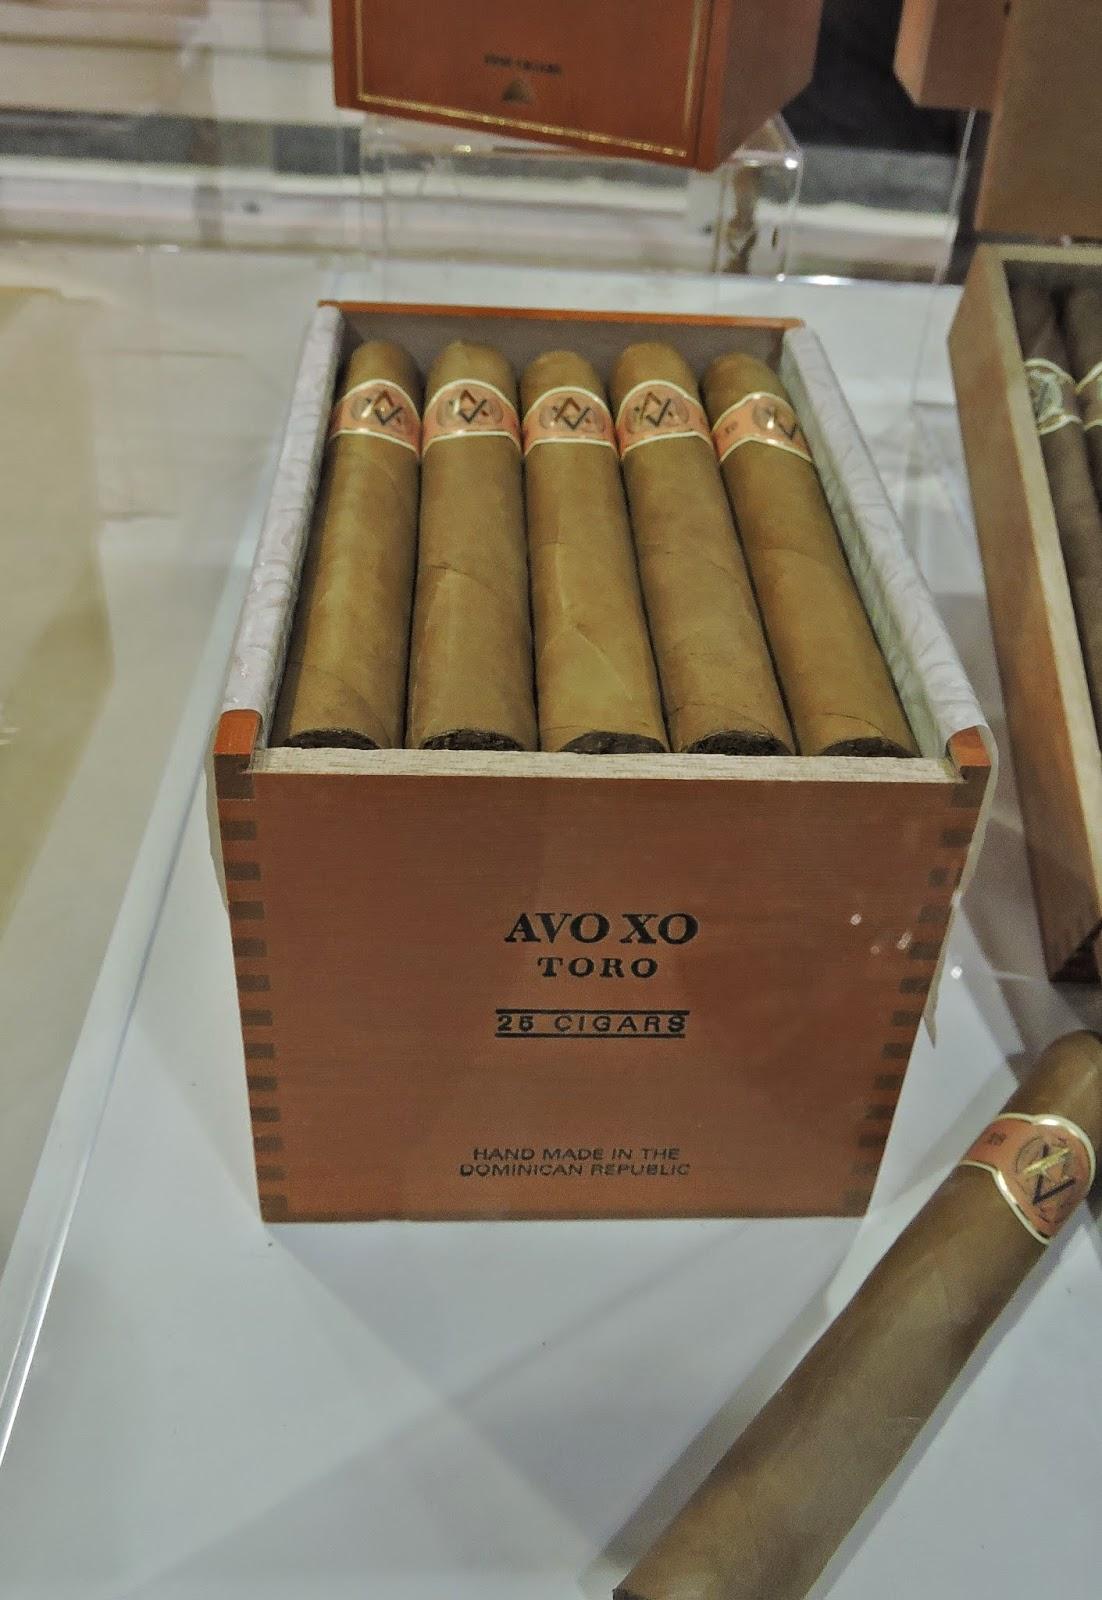 Cigar News: Avo XO Toro (Cigar Preview)